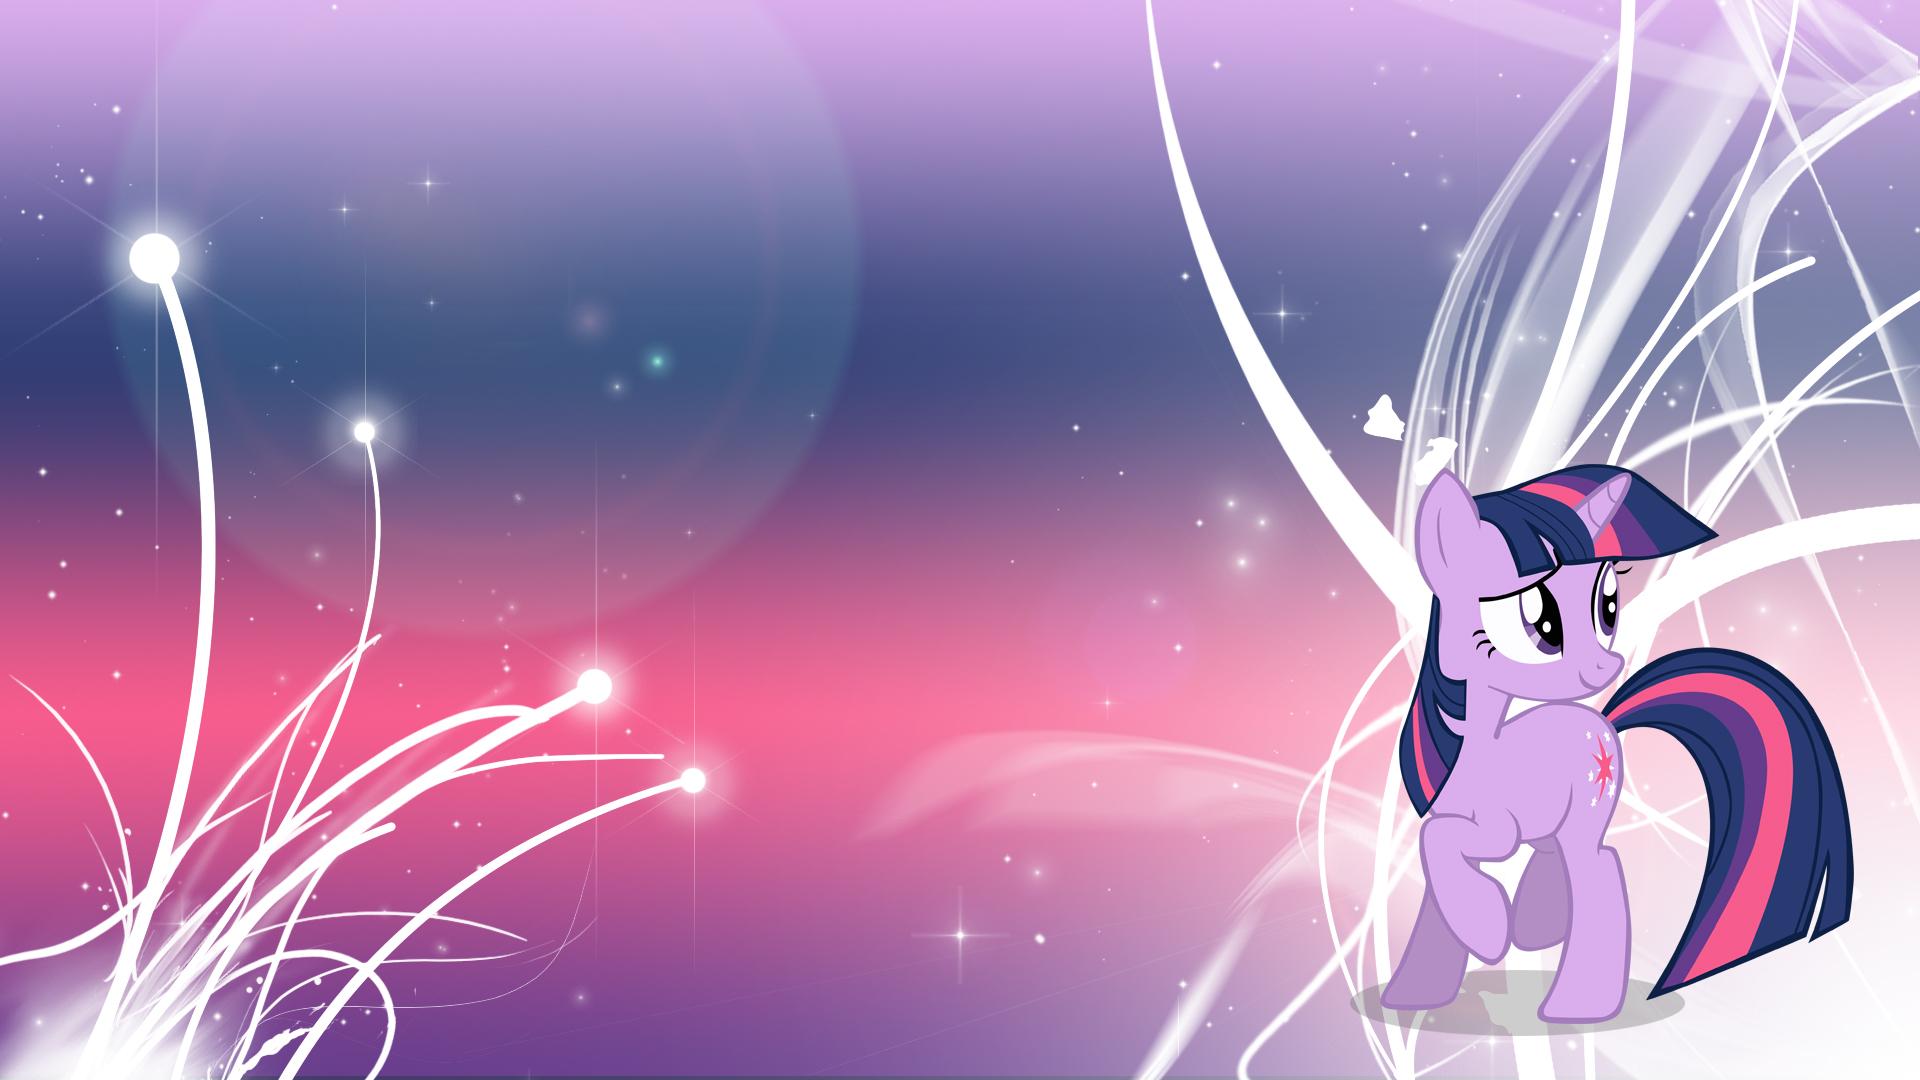 MLP: FiM - Twilight Sparkle V4 by Unfiltered-N